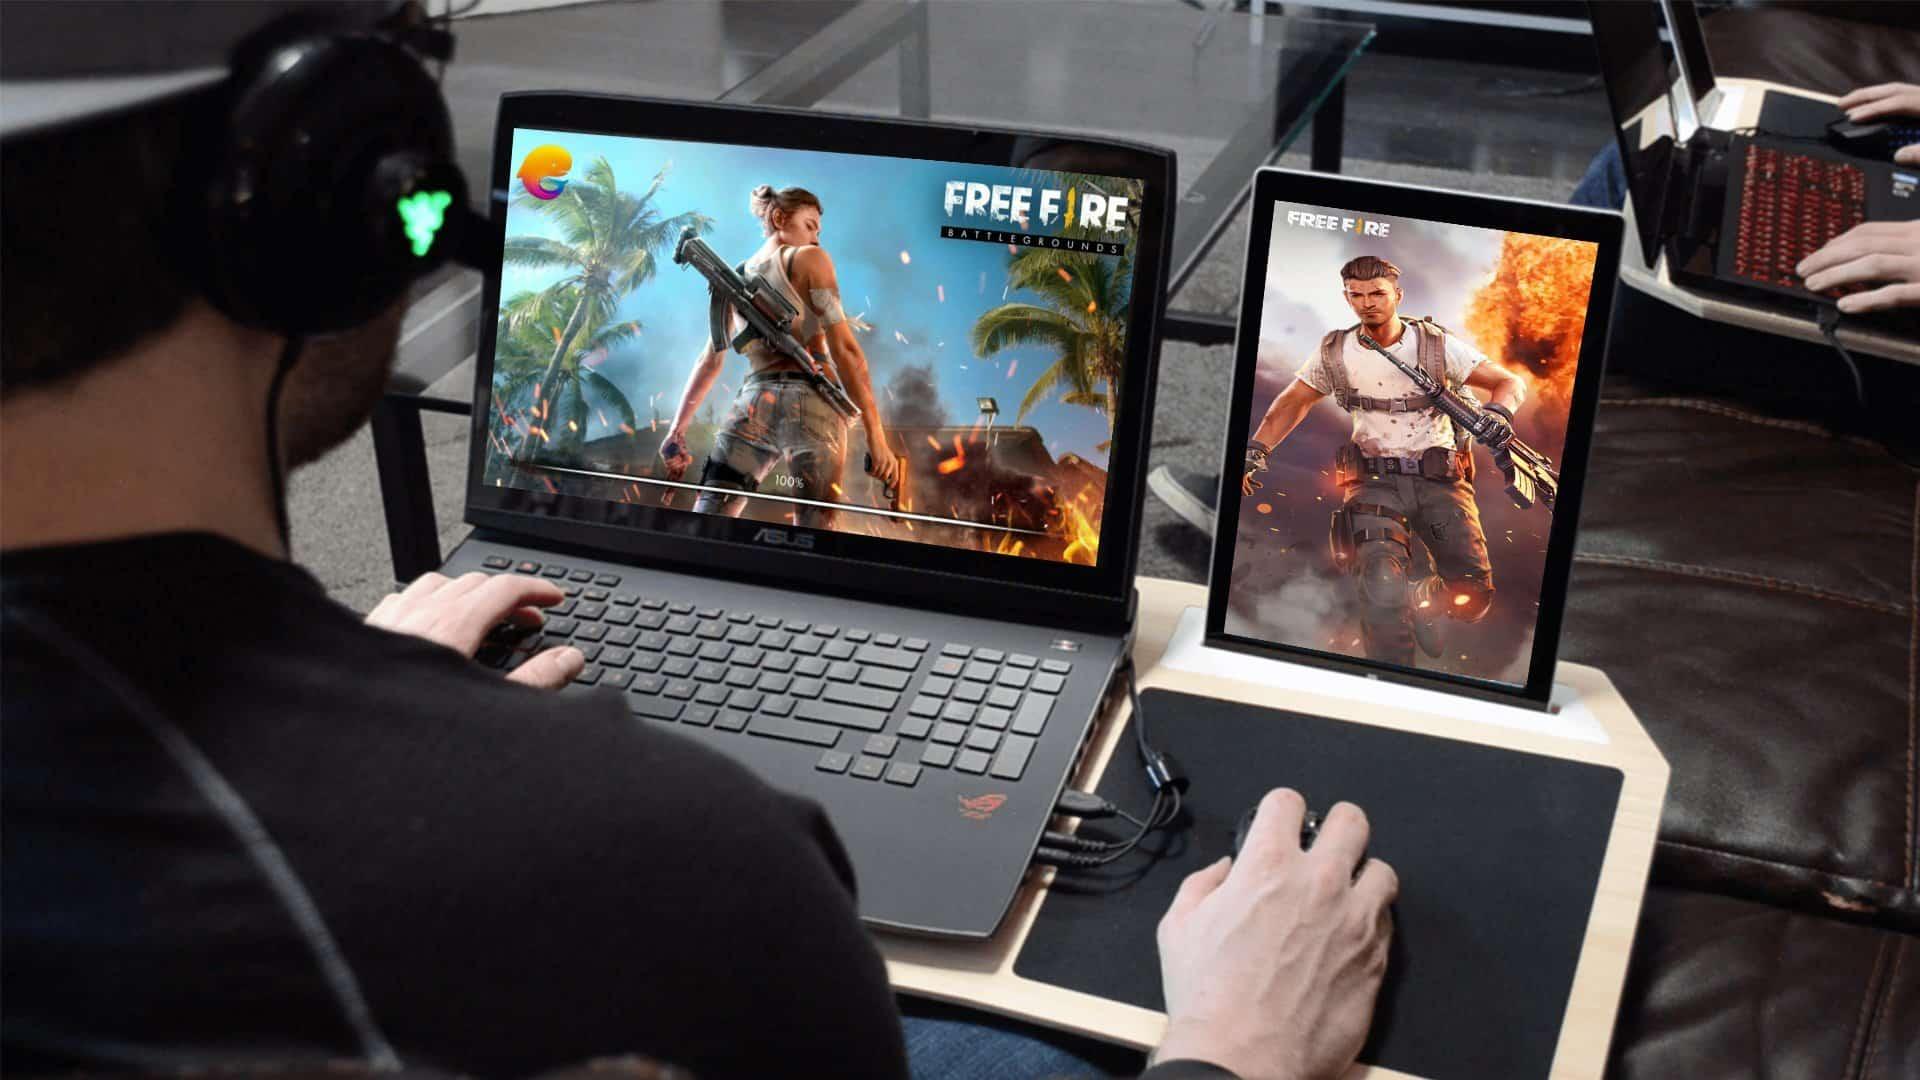 Prosesor-PC-yang-disarankan-untuk-GameLoop